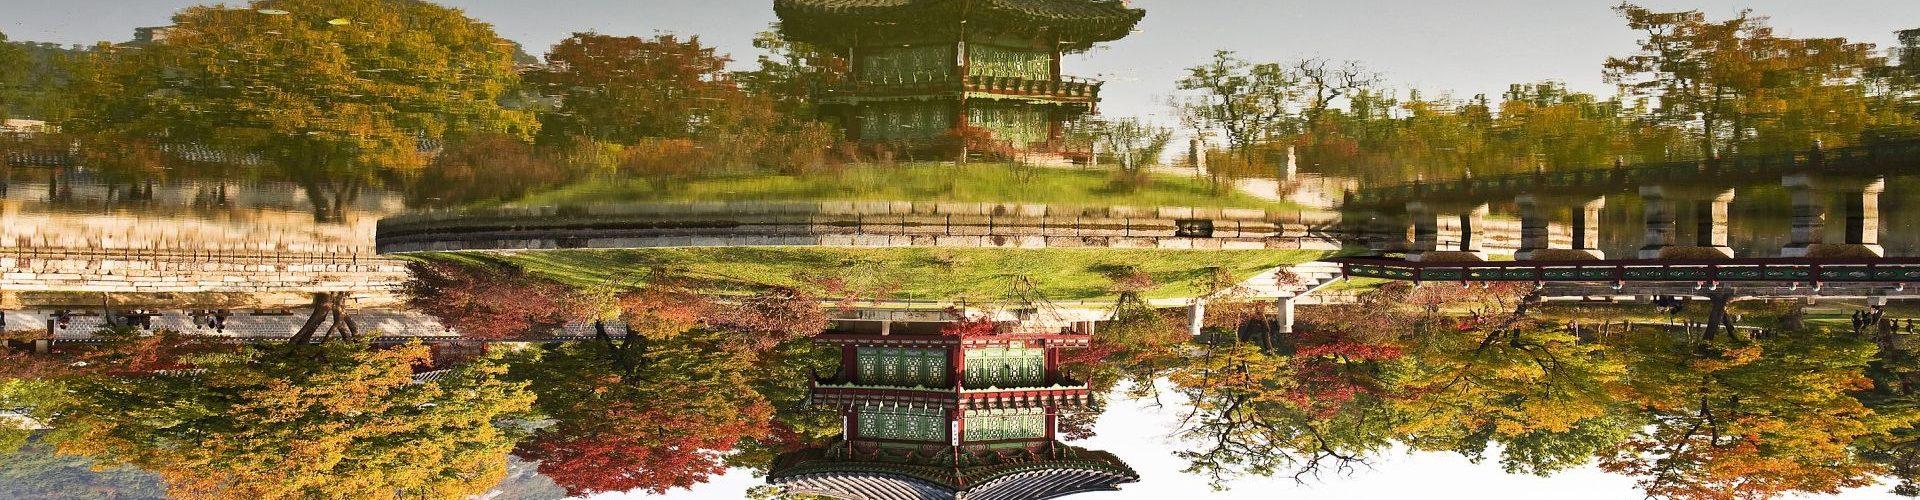 גן בעיר האסורה, סין